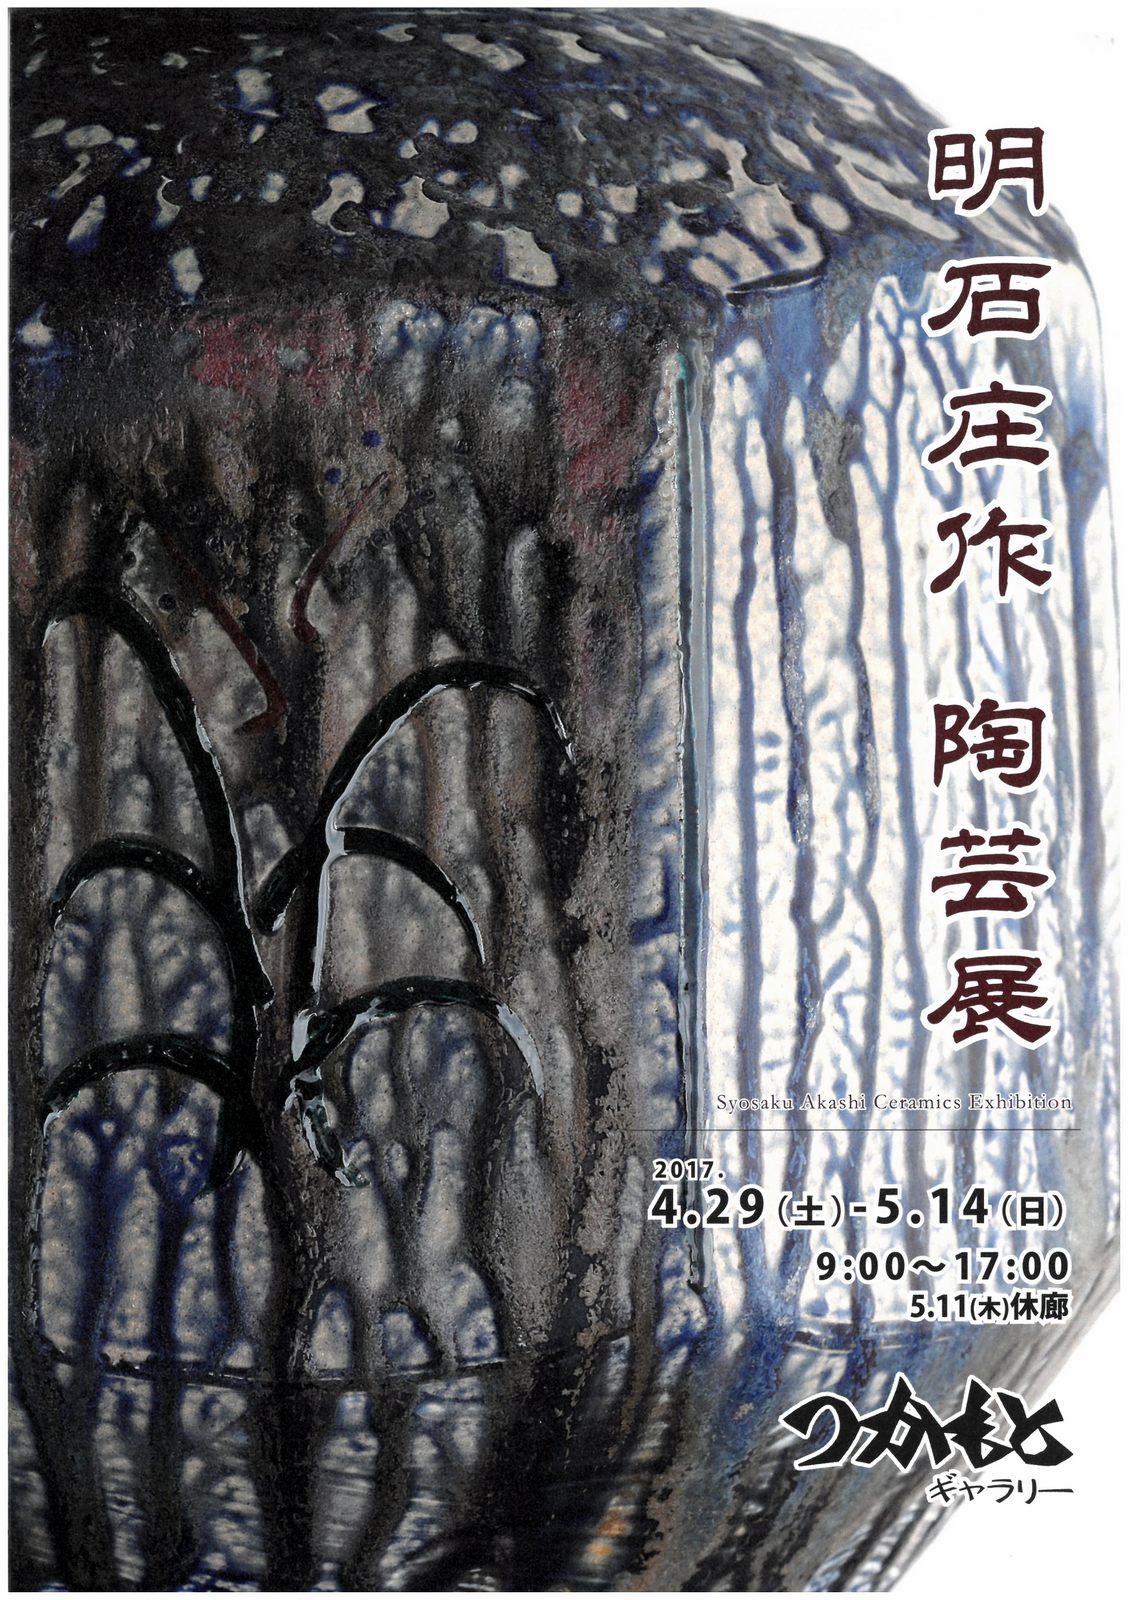 明石庄作陶芸展